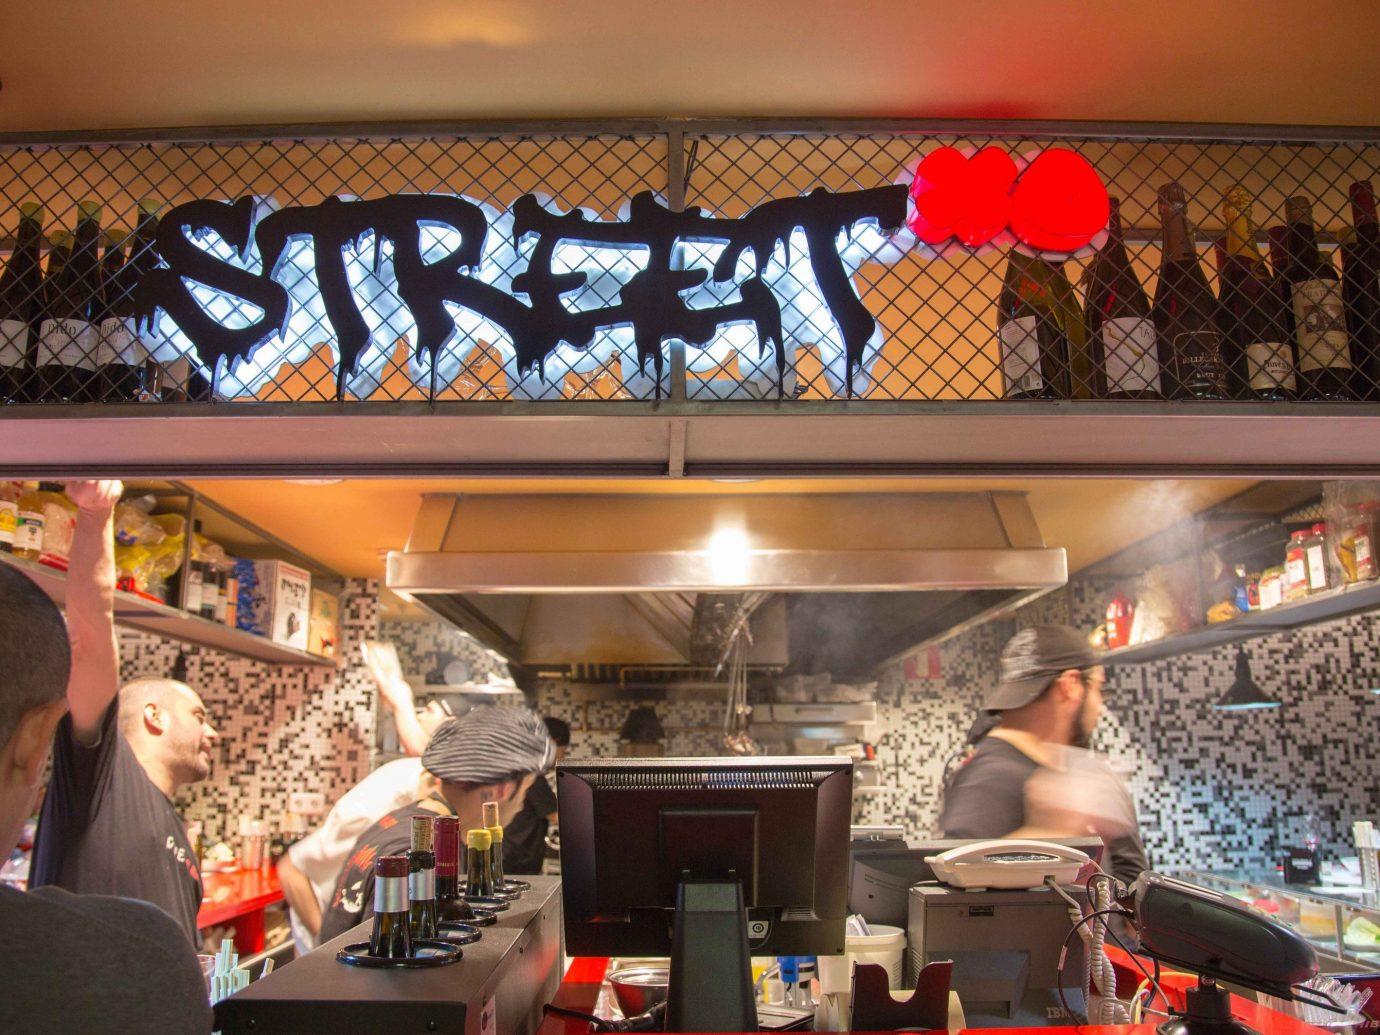 Food + Drink indoor restaurant Bar meal sense fast food cluttered